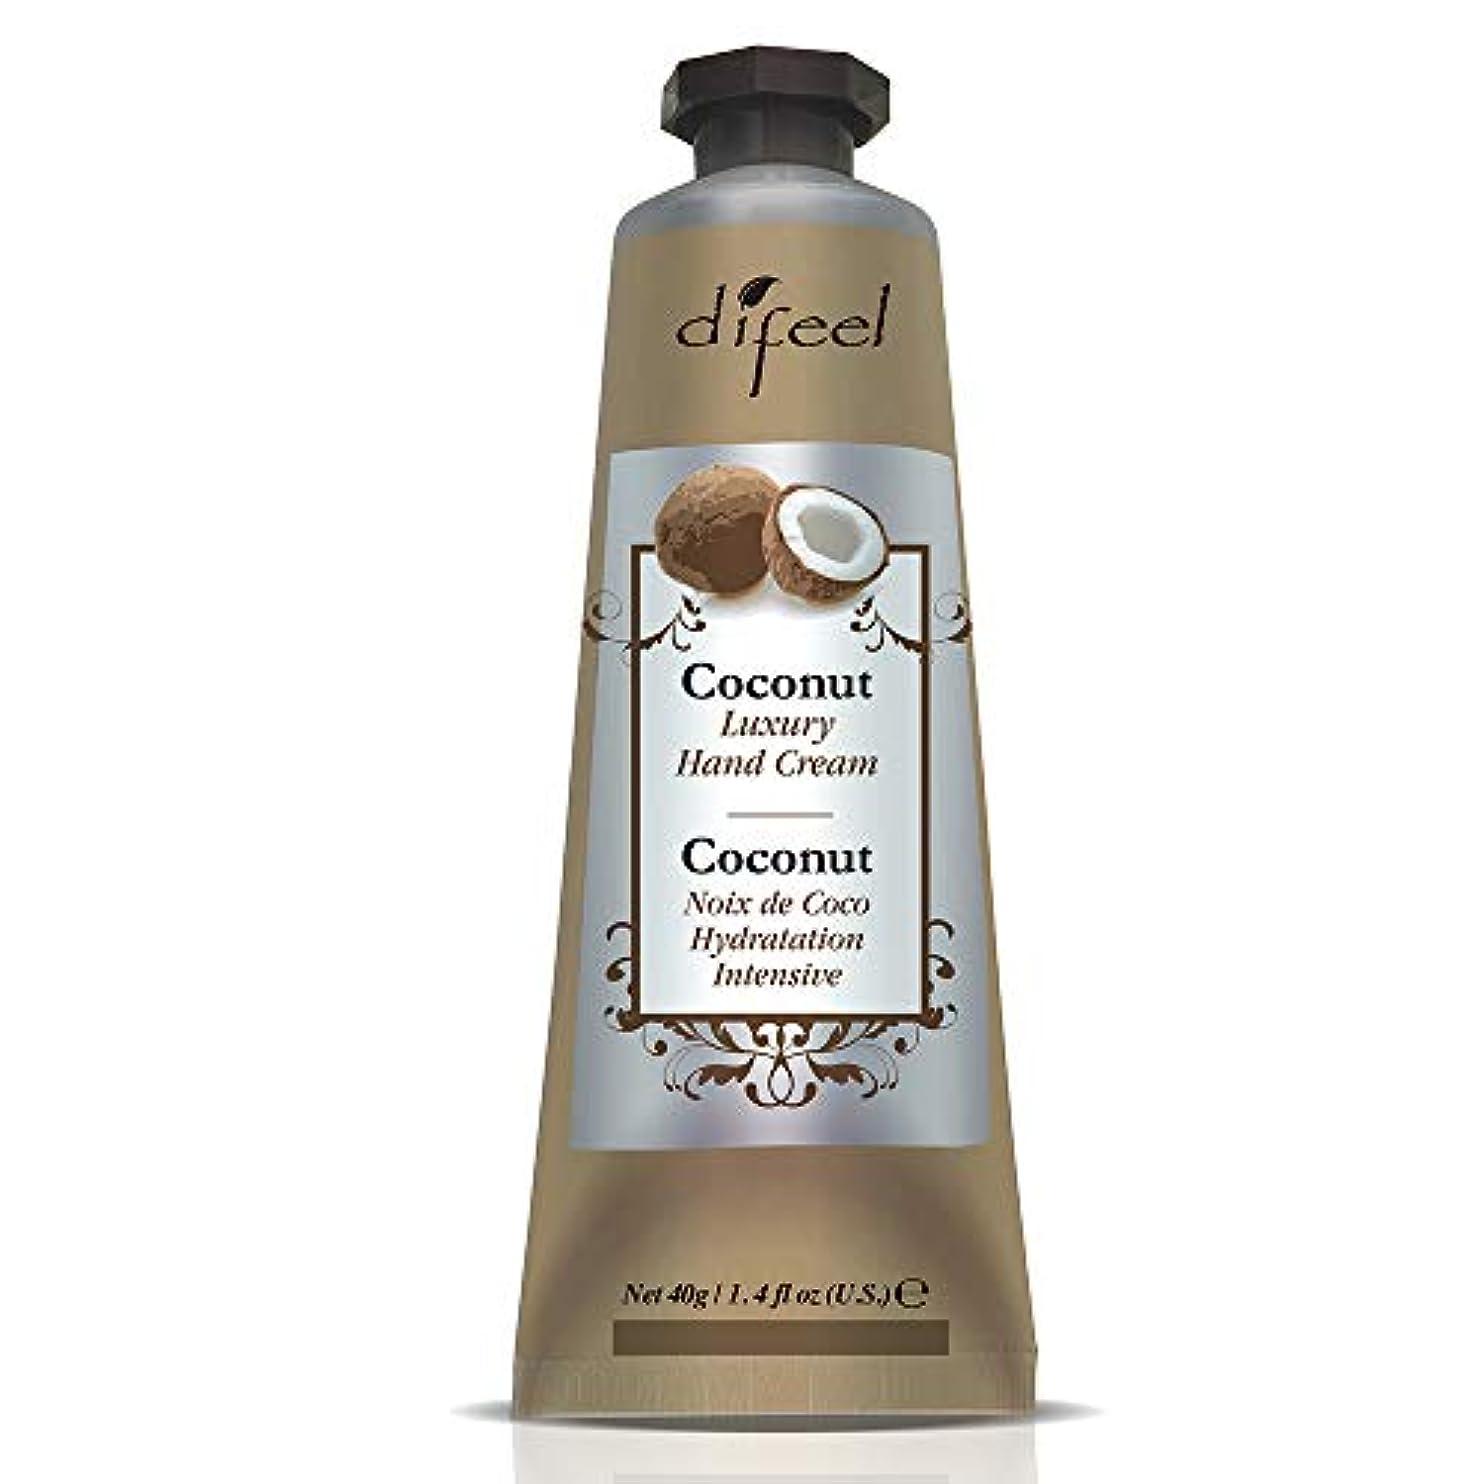 クレジット伝記つばDifeel(ディフィール) ココナッツ ナチュラル ハンドクリーム 40g COCONUT 11COC New York 【正規輸入品】